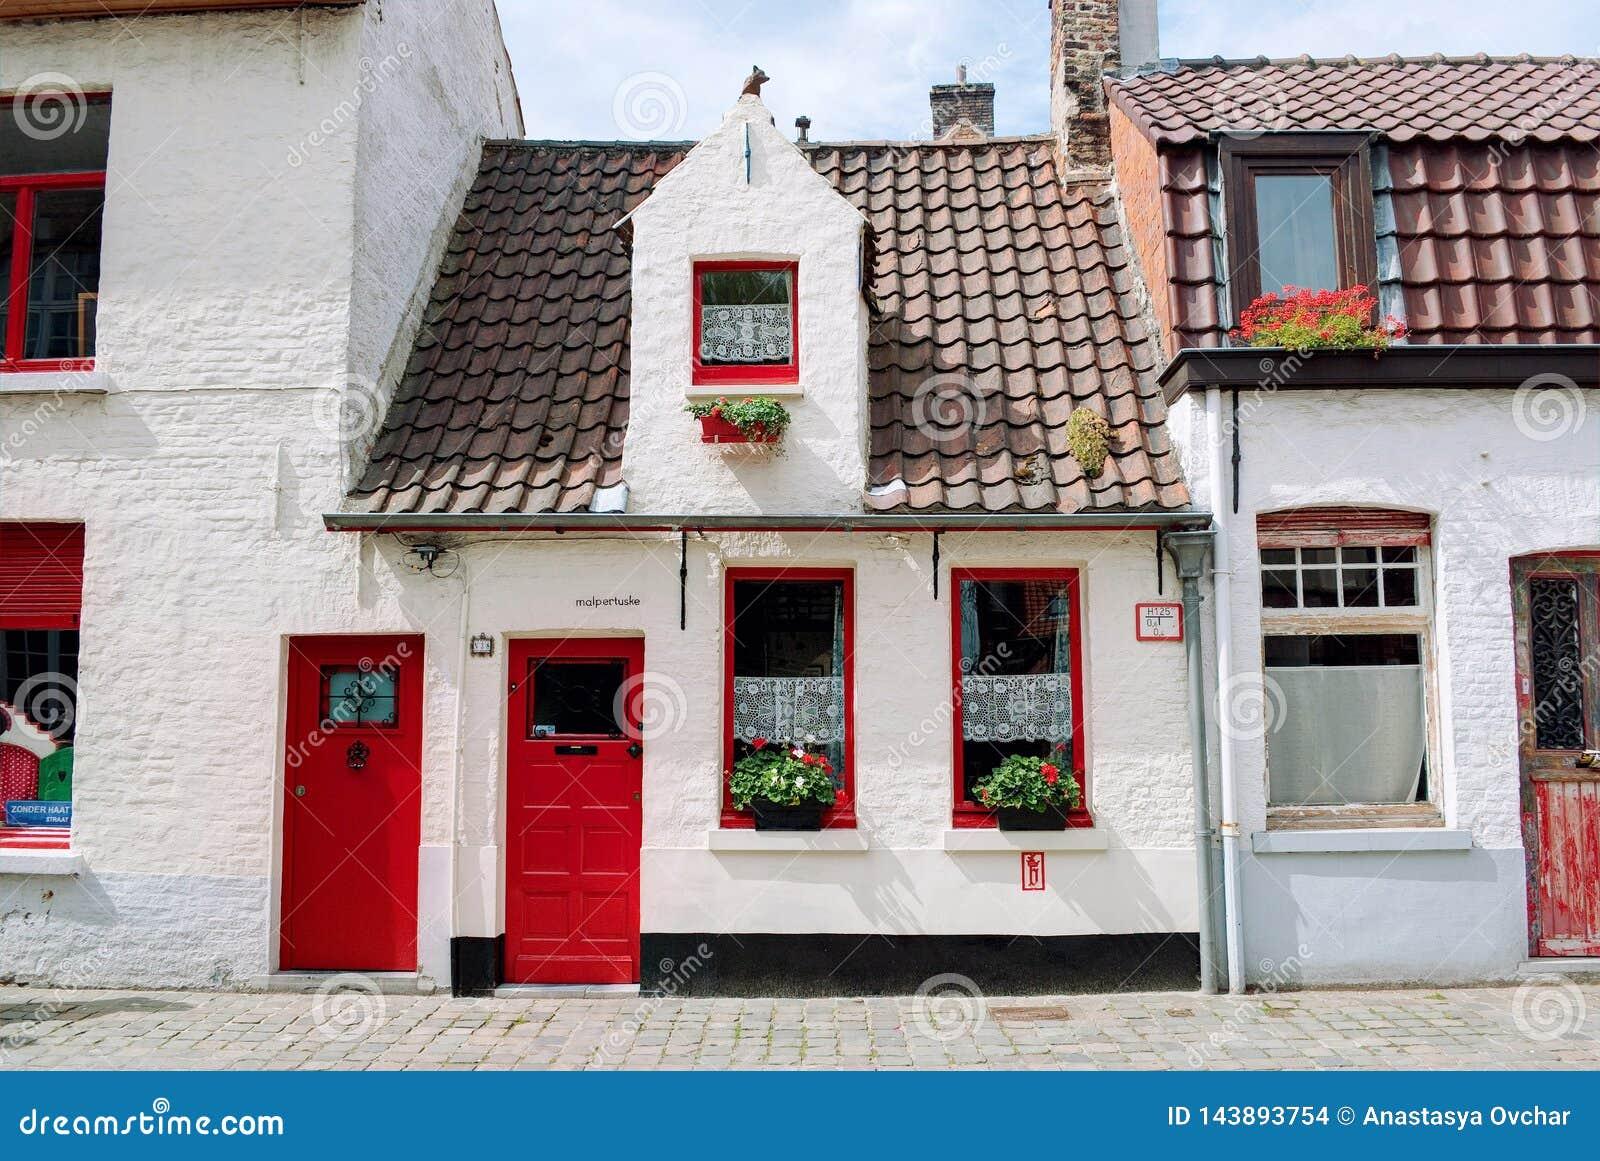 Μπρυζ, Βέλγιο - τον Αύγουστο του 2010: Μικροί γραφικοί Λευκοί Οίκοι με τις κόκκινες πόρτες, τα κόκκινα πλαίσια παραθύρων, τα κόκκ